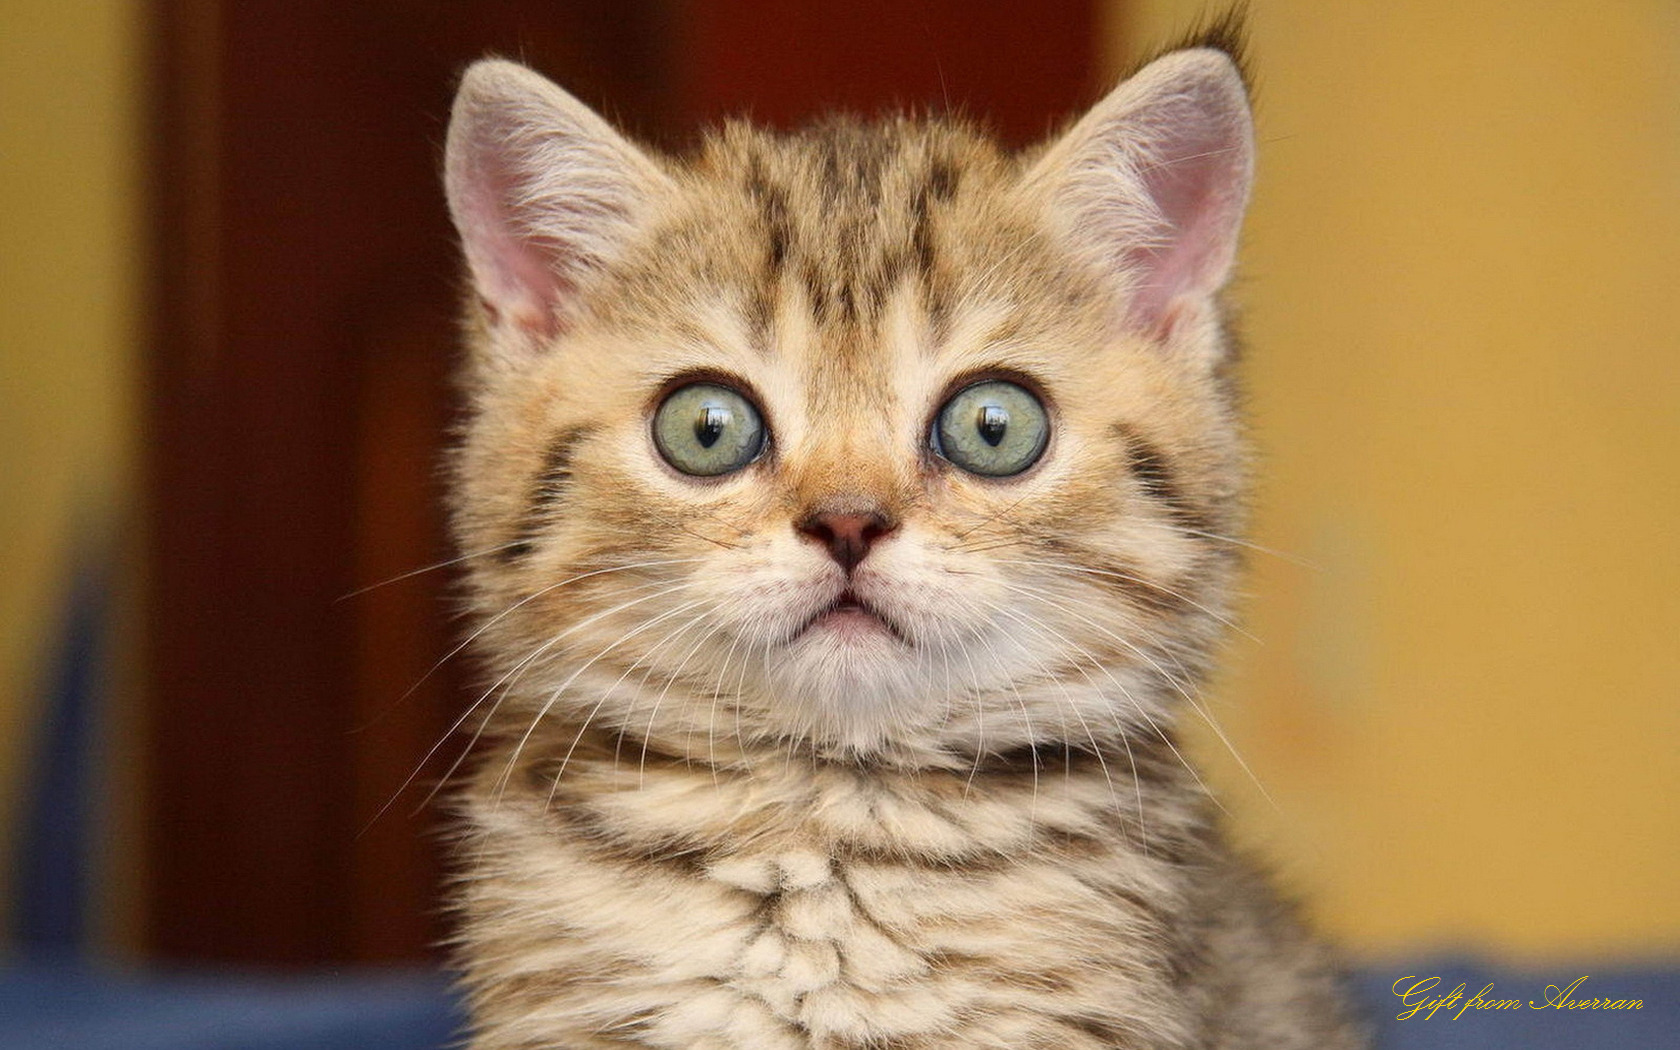 Cute Cat Big Eyes HD Wallpaper